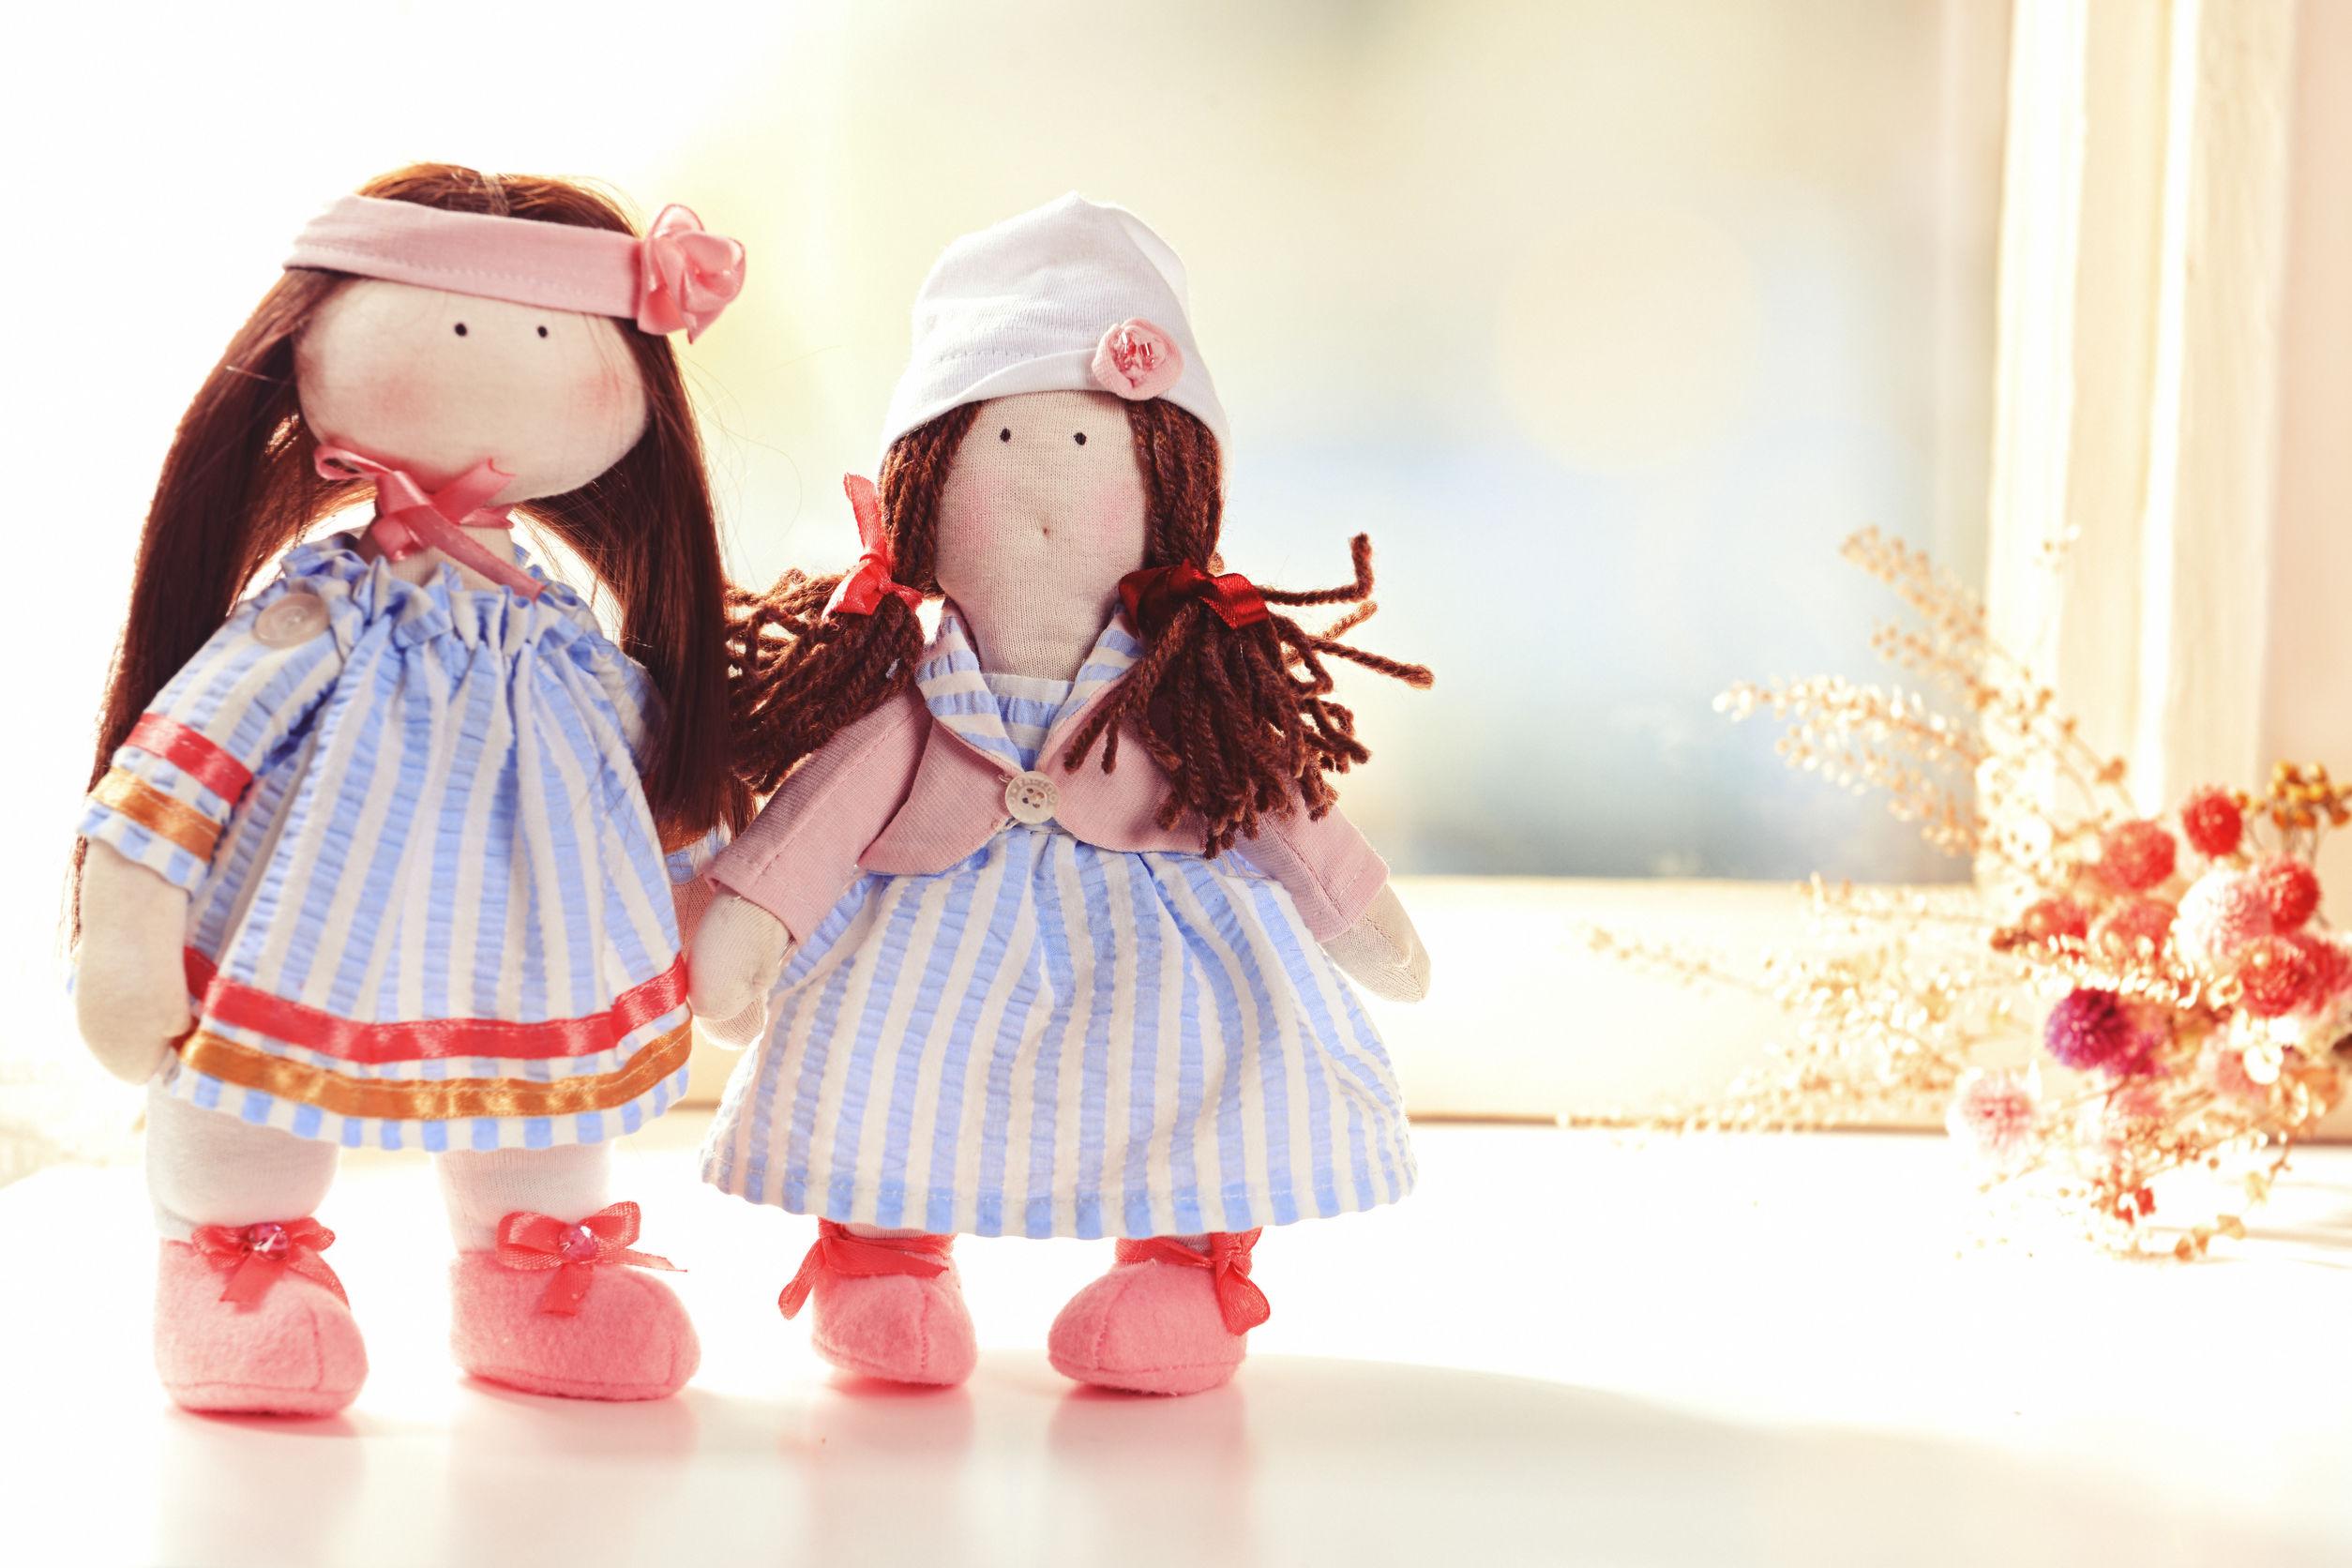 Miglior bambola 2021: Guida all'acquisto